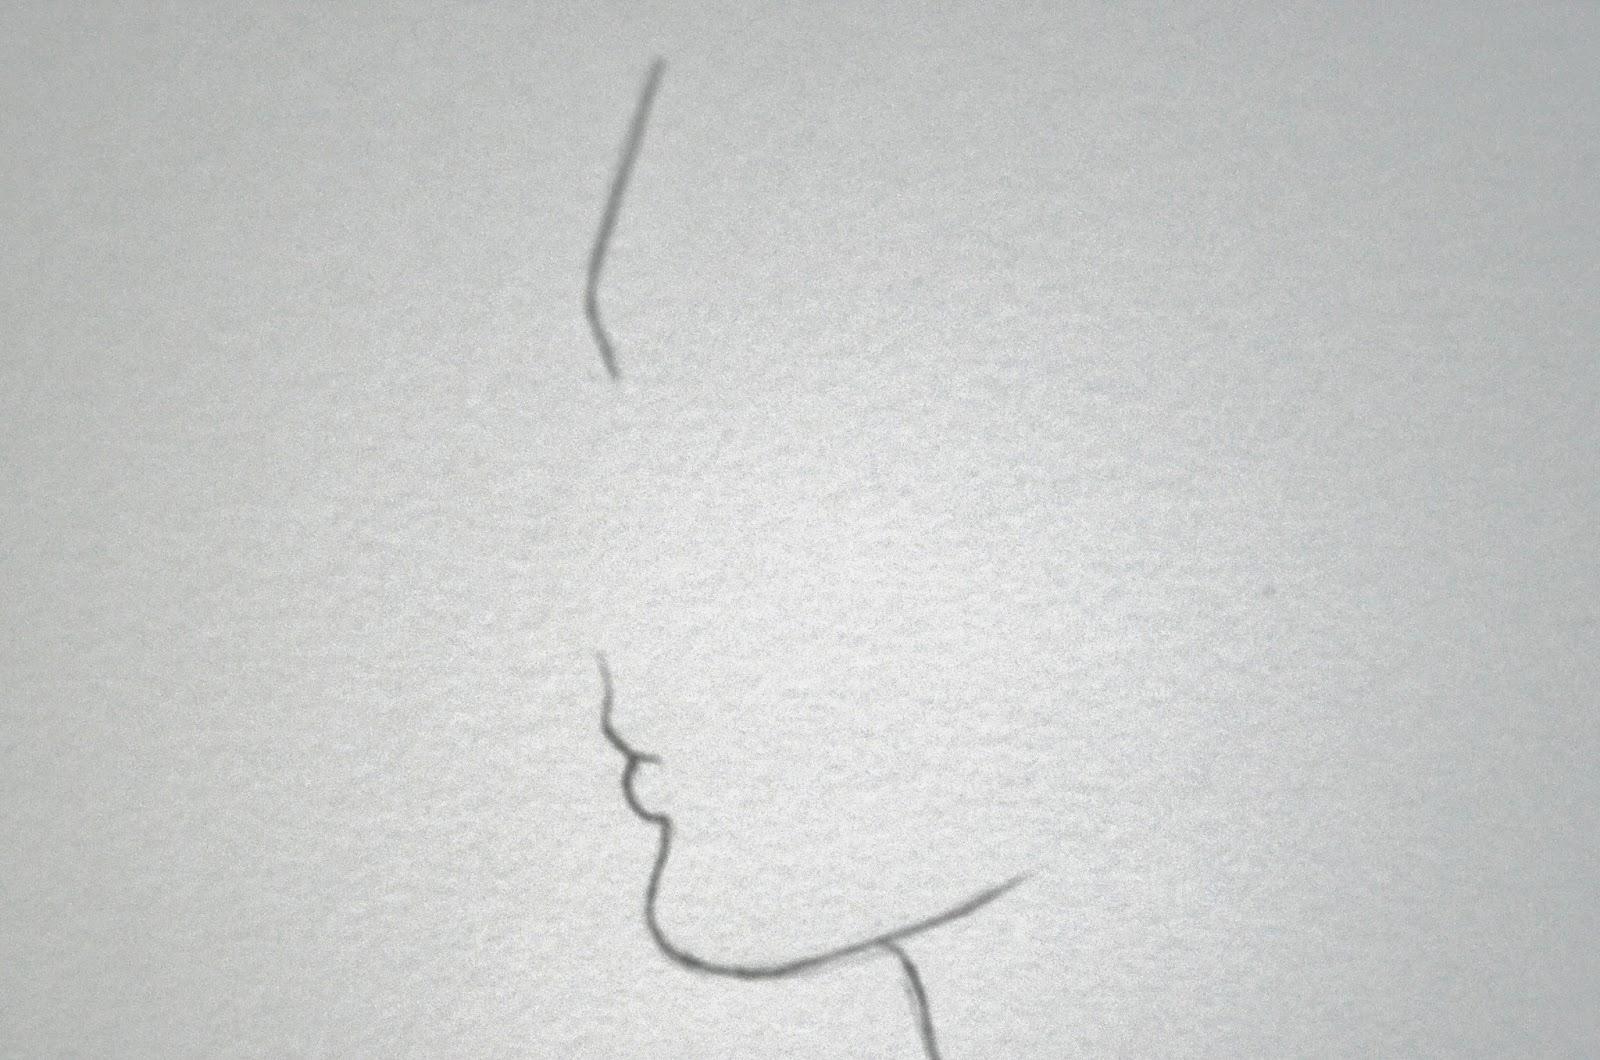 DOMERELLY Dibujando!: TUTORIALES DE DIBUJO: NARIZ DE PERFIL